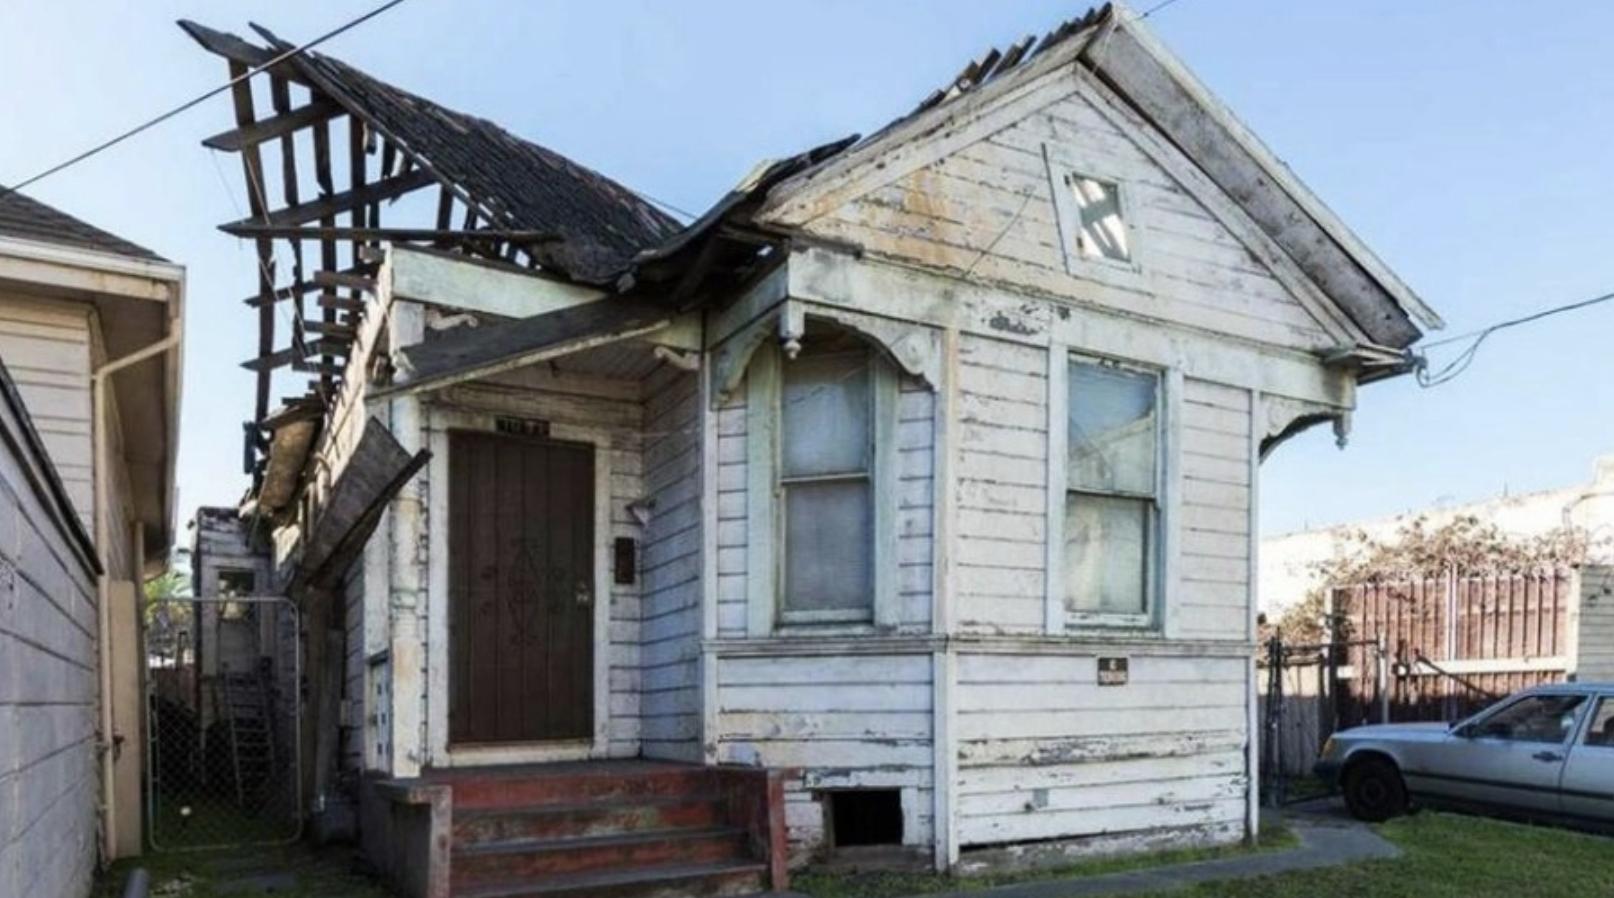 KSBW | Mar 2018 | Uninhabitable Oakland house hits market for $399,000